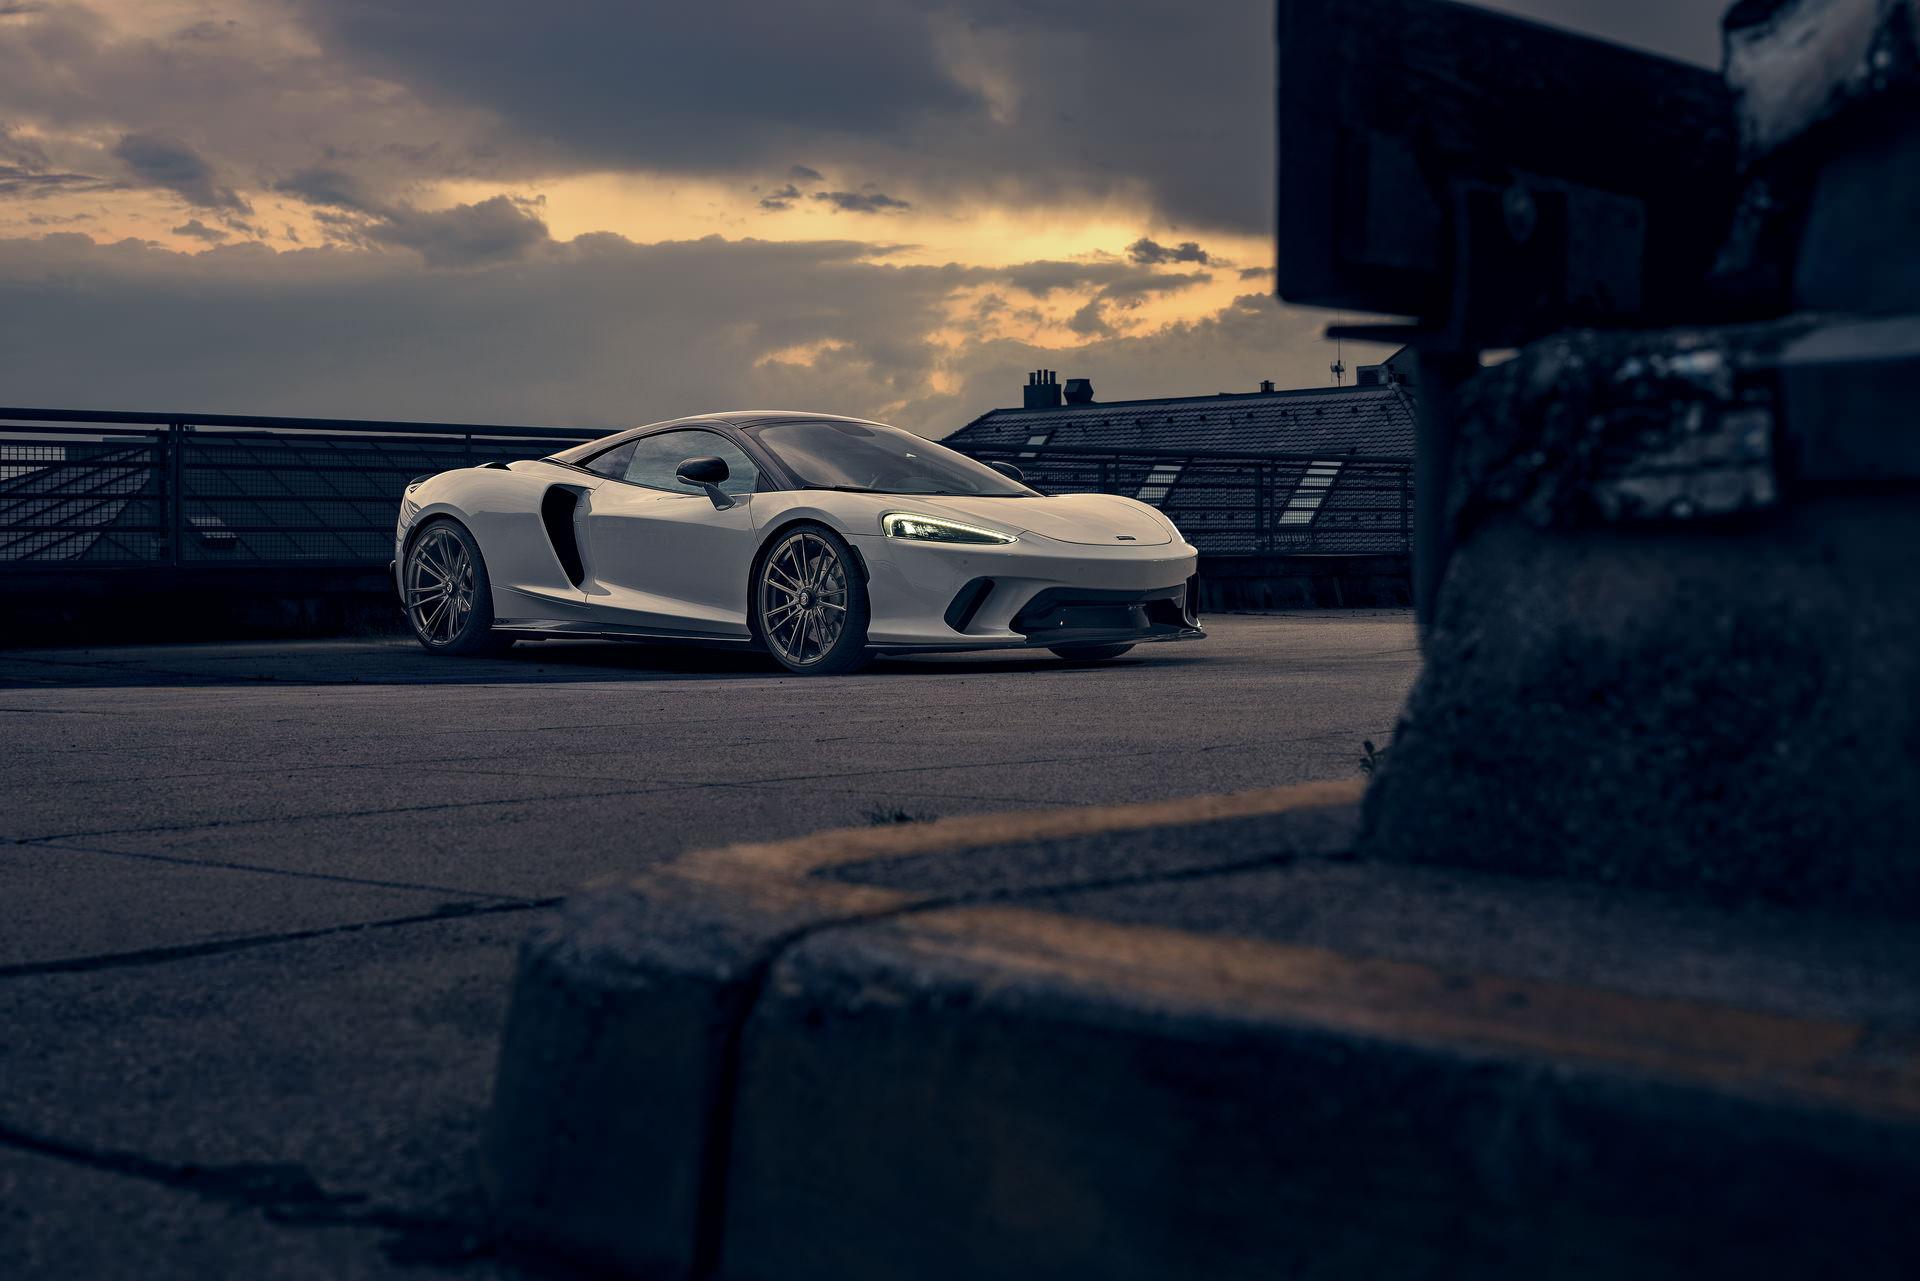 Novitec Torado подготовил новый тюнинг McLaren GT | фото, видео